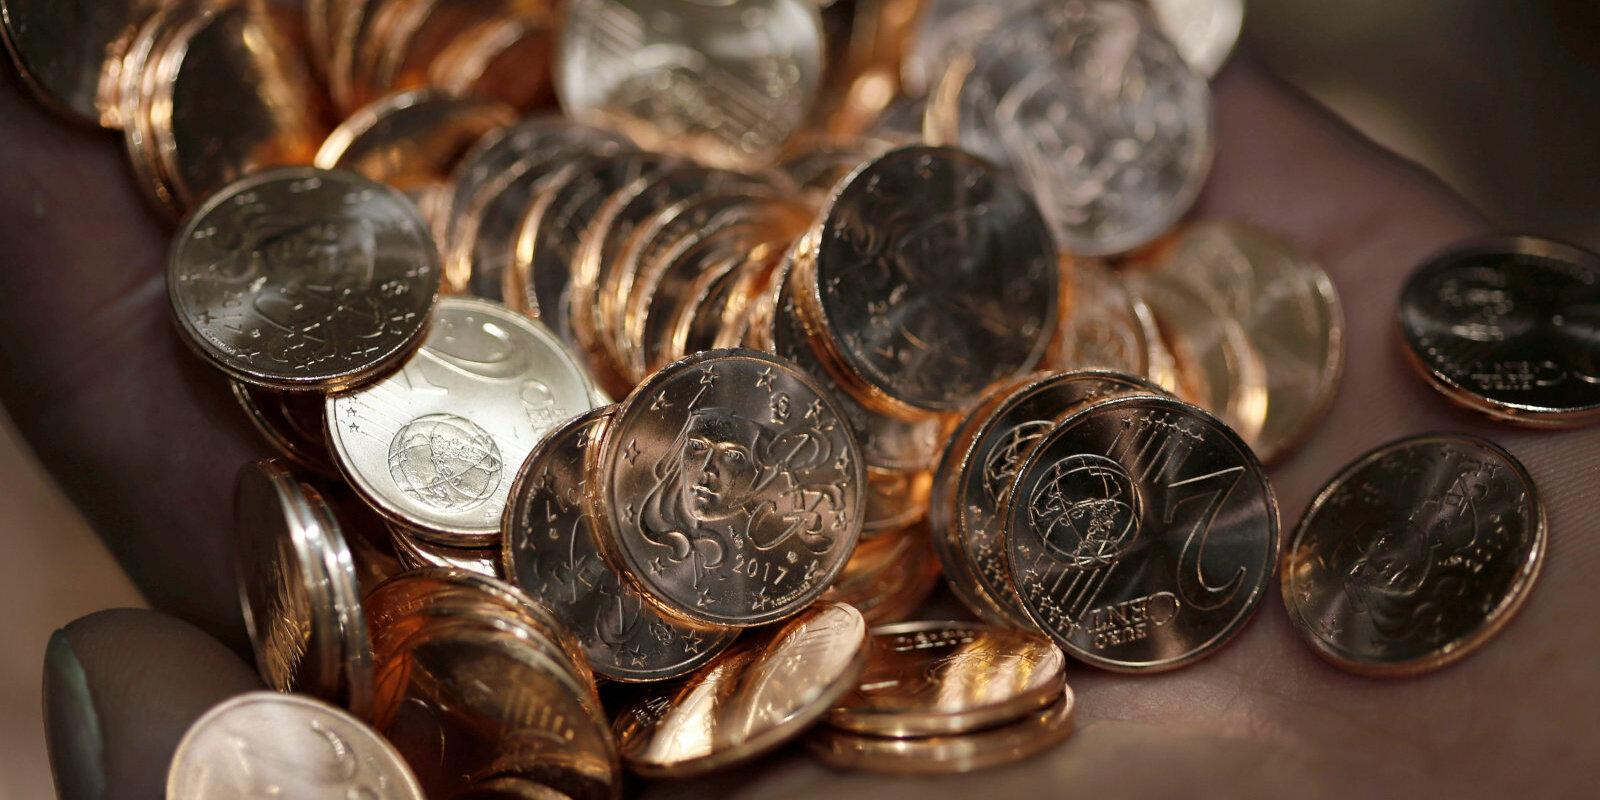 Восемь центов в день. Безработица Латвии в цифрах и фактах